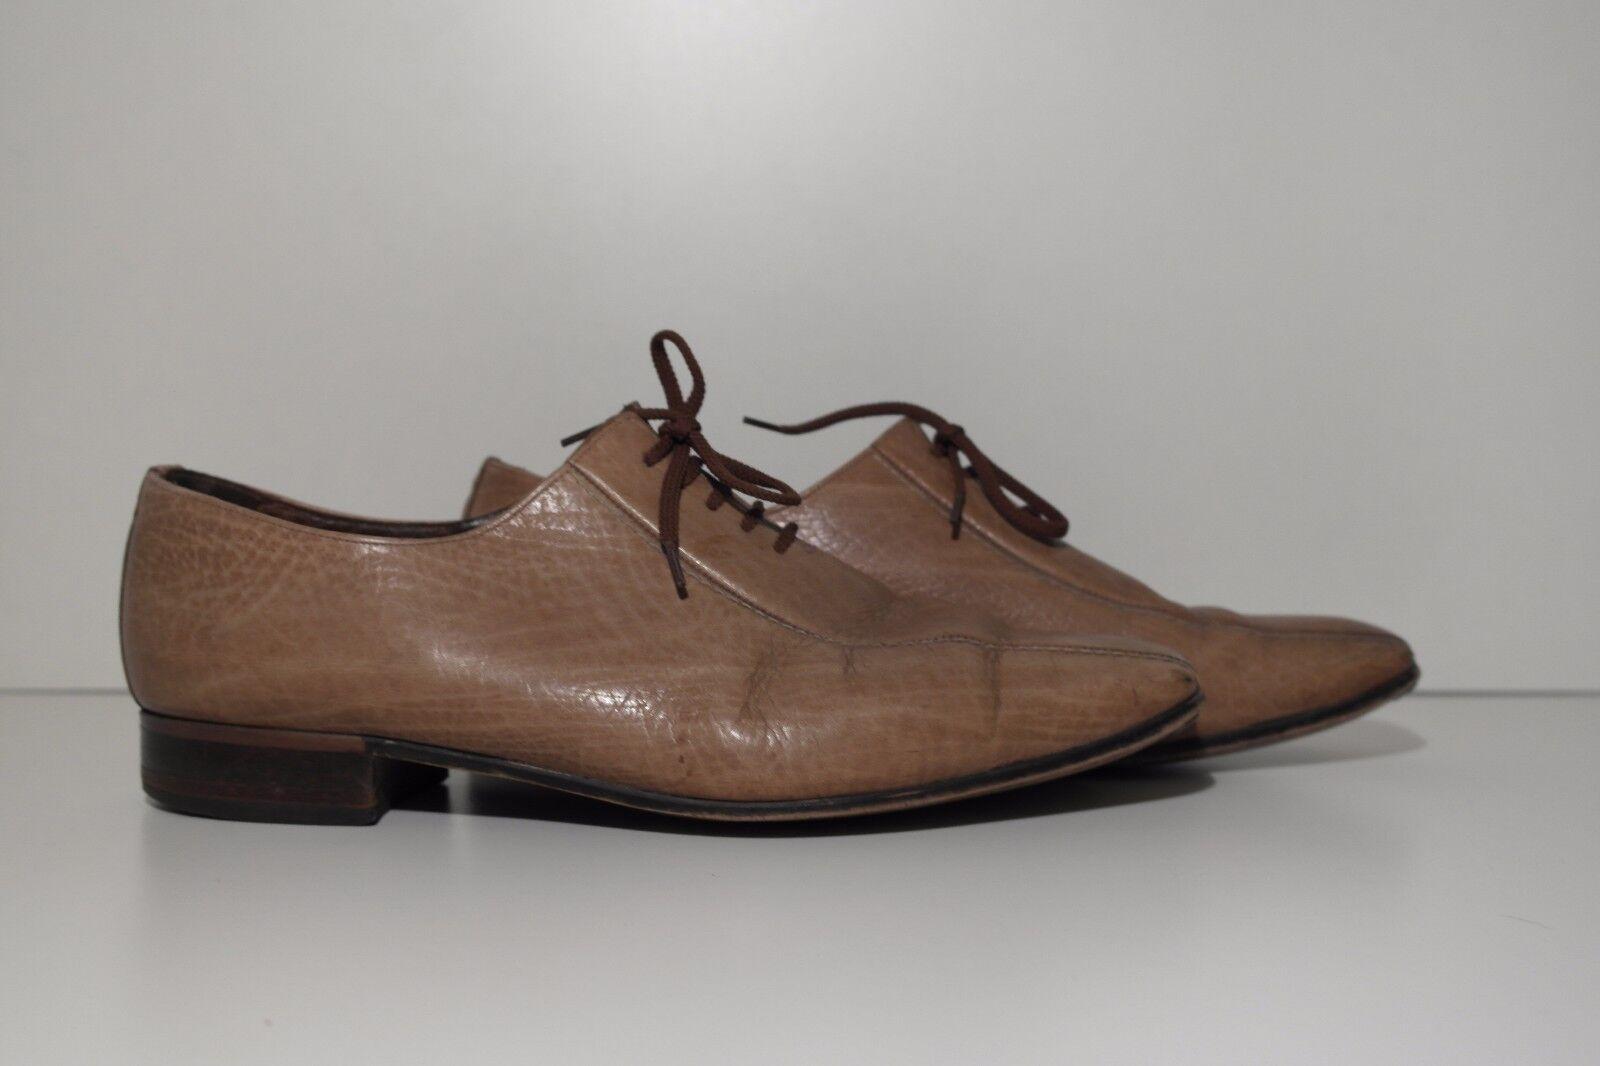 True Vintage 70er uomo lacci Scarpe Lace Up Marronee Scarpe Basse Loafer | In vendita  | Maschio/Ragazze Scarpa